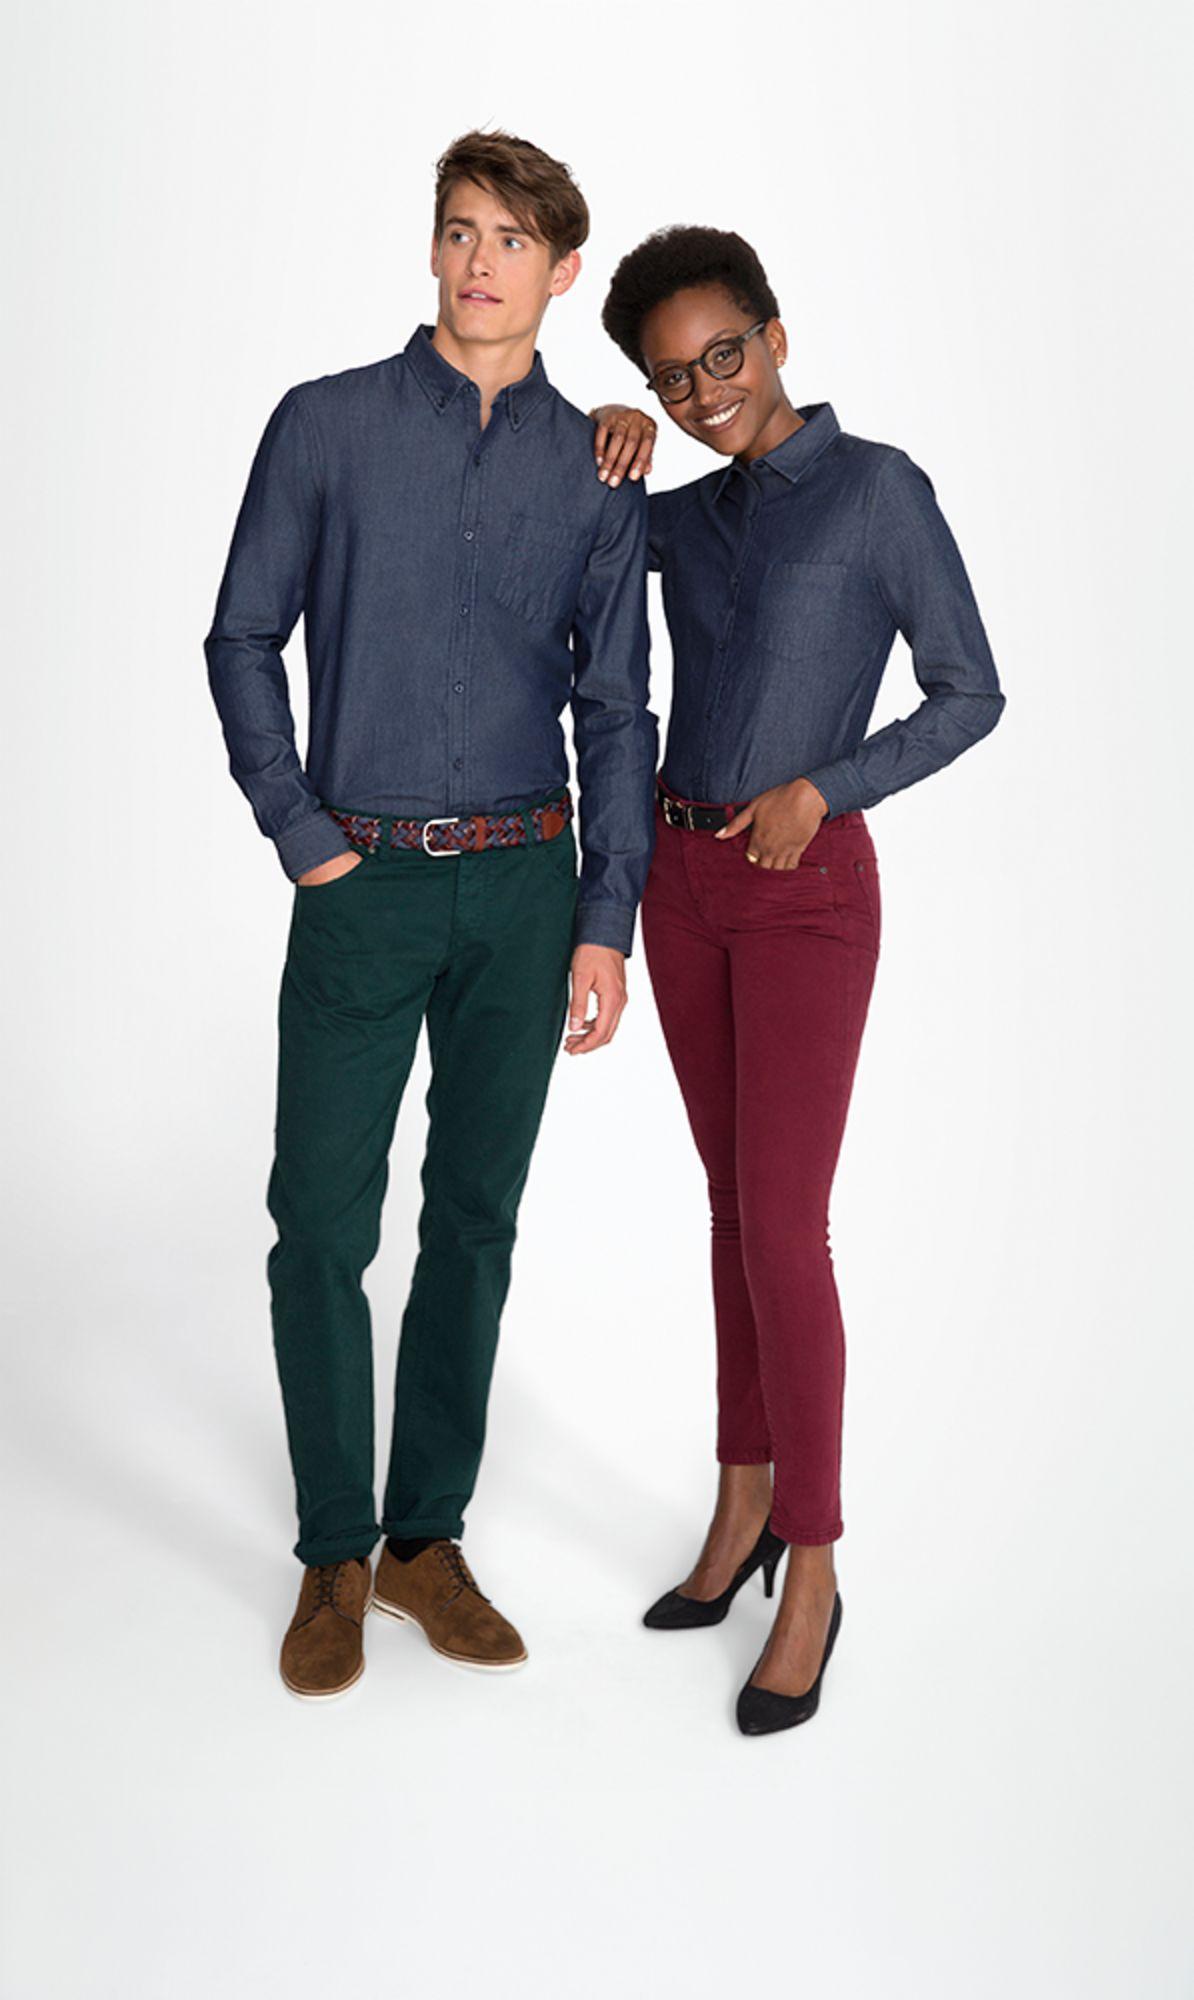 e459a1631208 Рубашка женская BARRY WOMEN | Офисные рубашки с фирменным логотипом